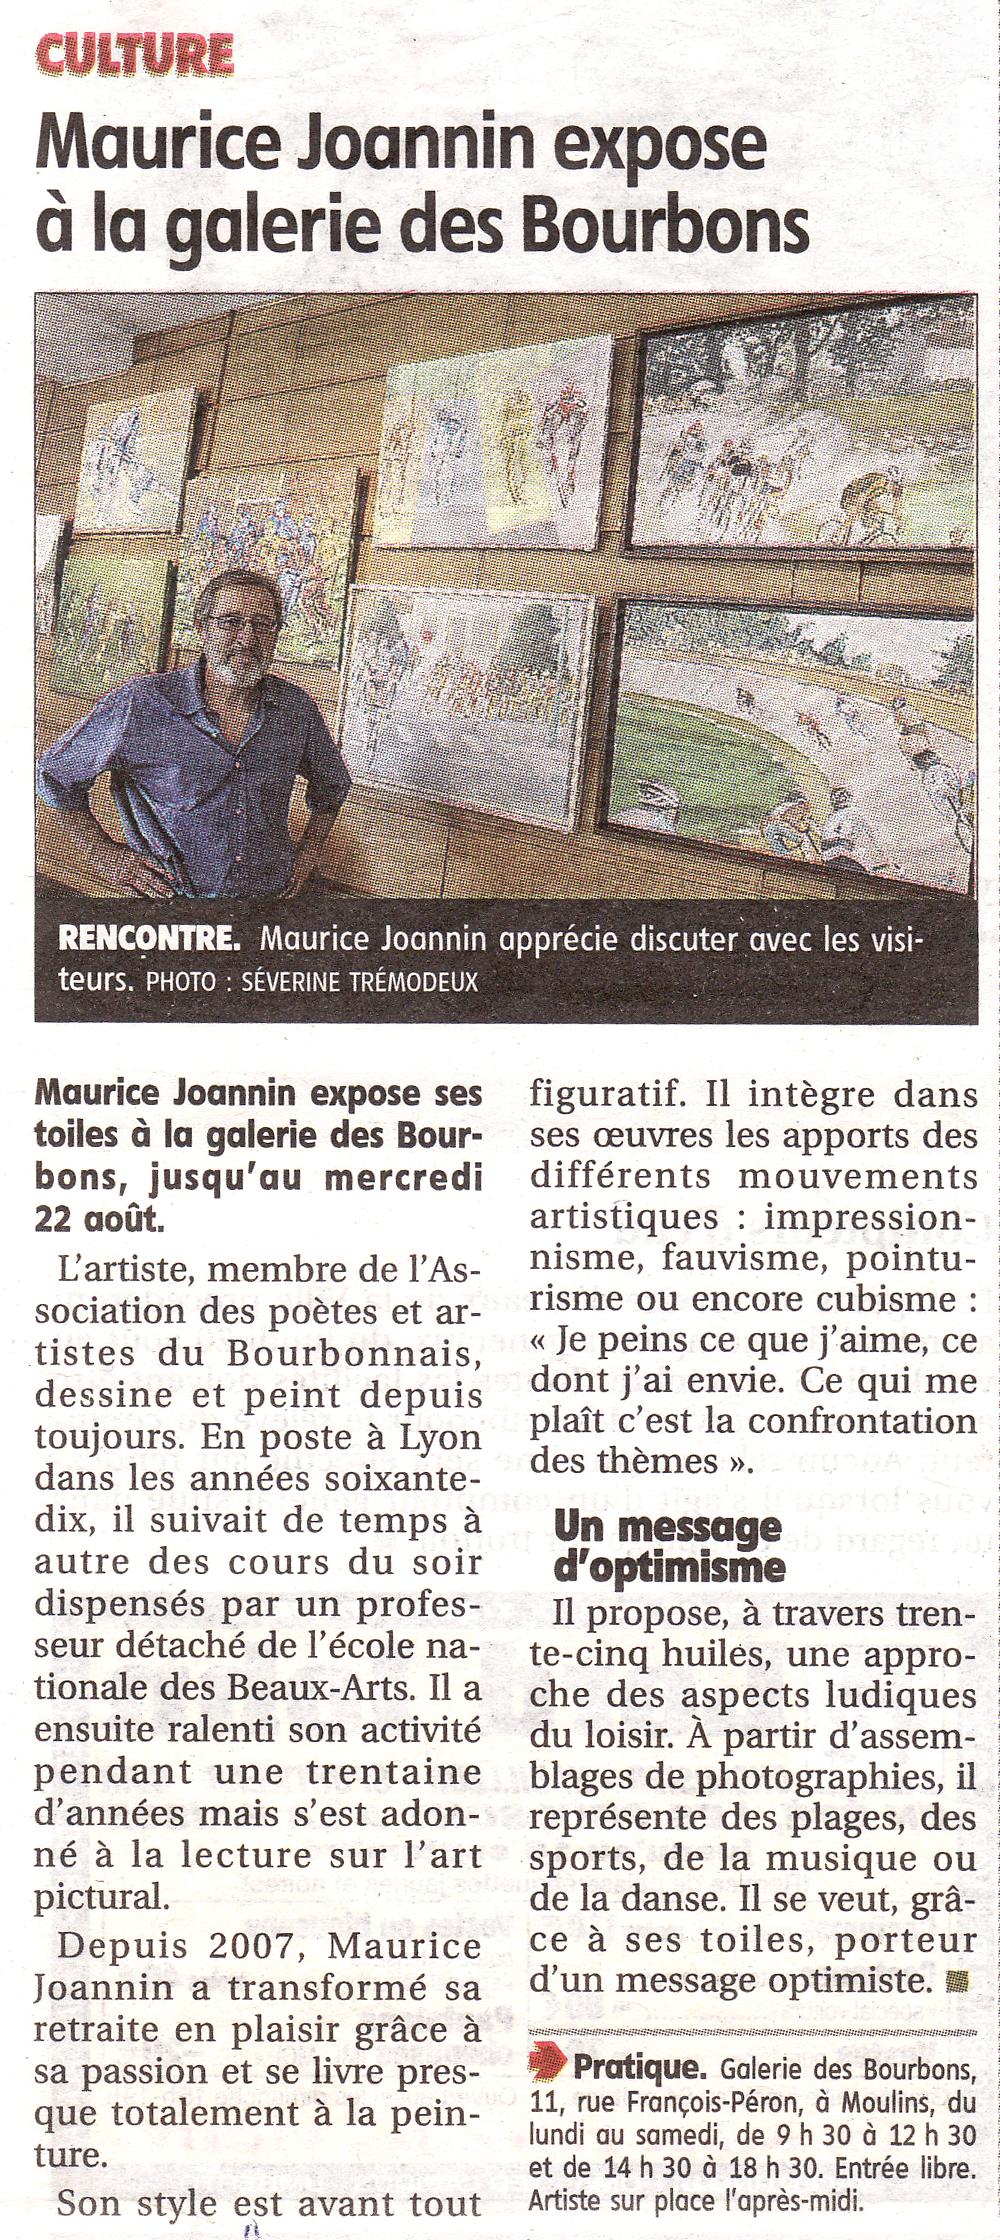 Exposition à la galerie des Bourbons de Moulins du 10août au 22 août 2012